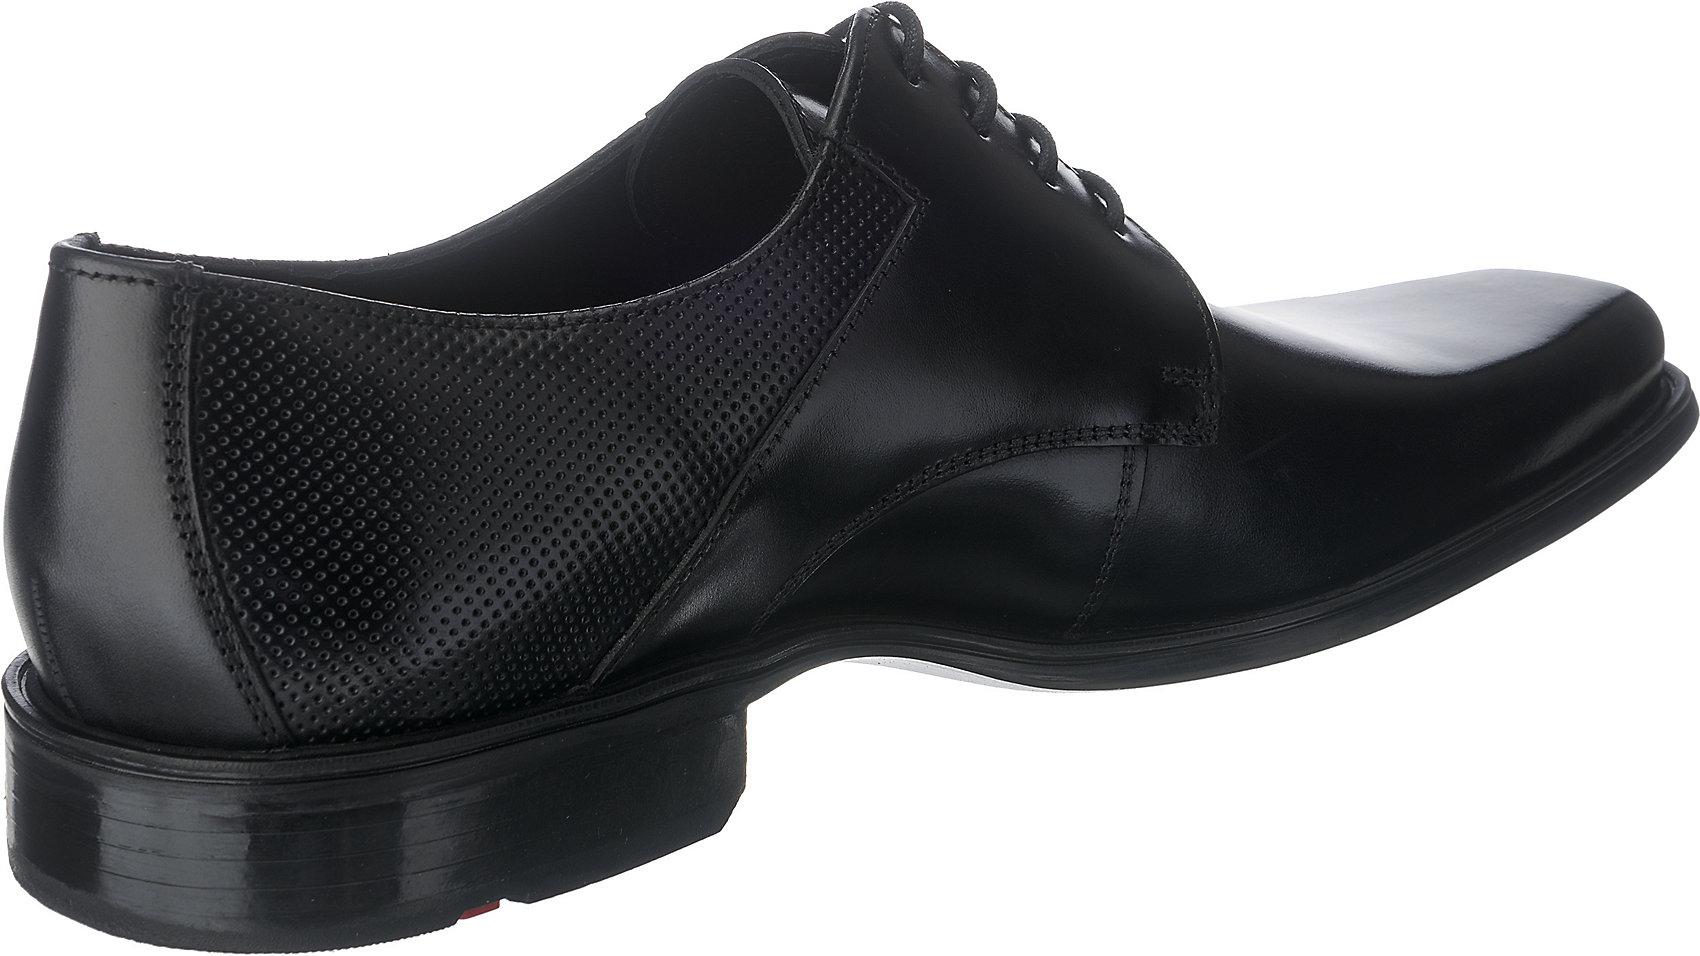 Neu LLOYD Dwaine Business Schuhe Schuhe Schuhe 5767369 für Herren schwarz 8af452